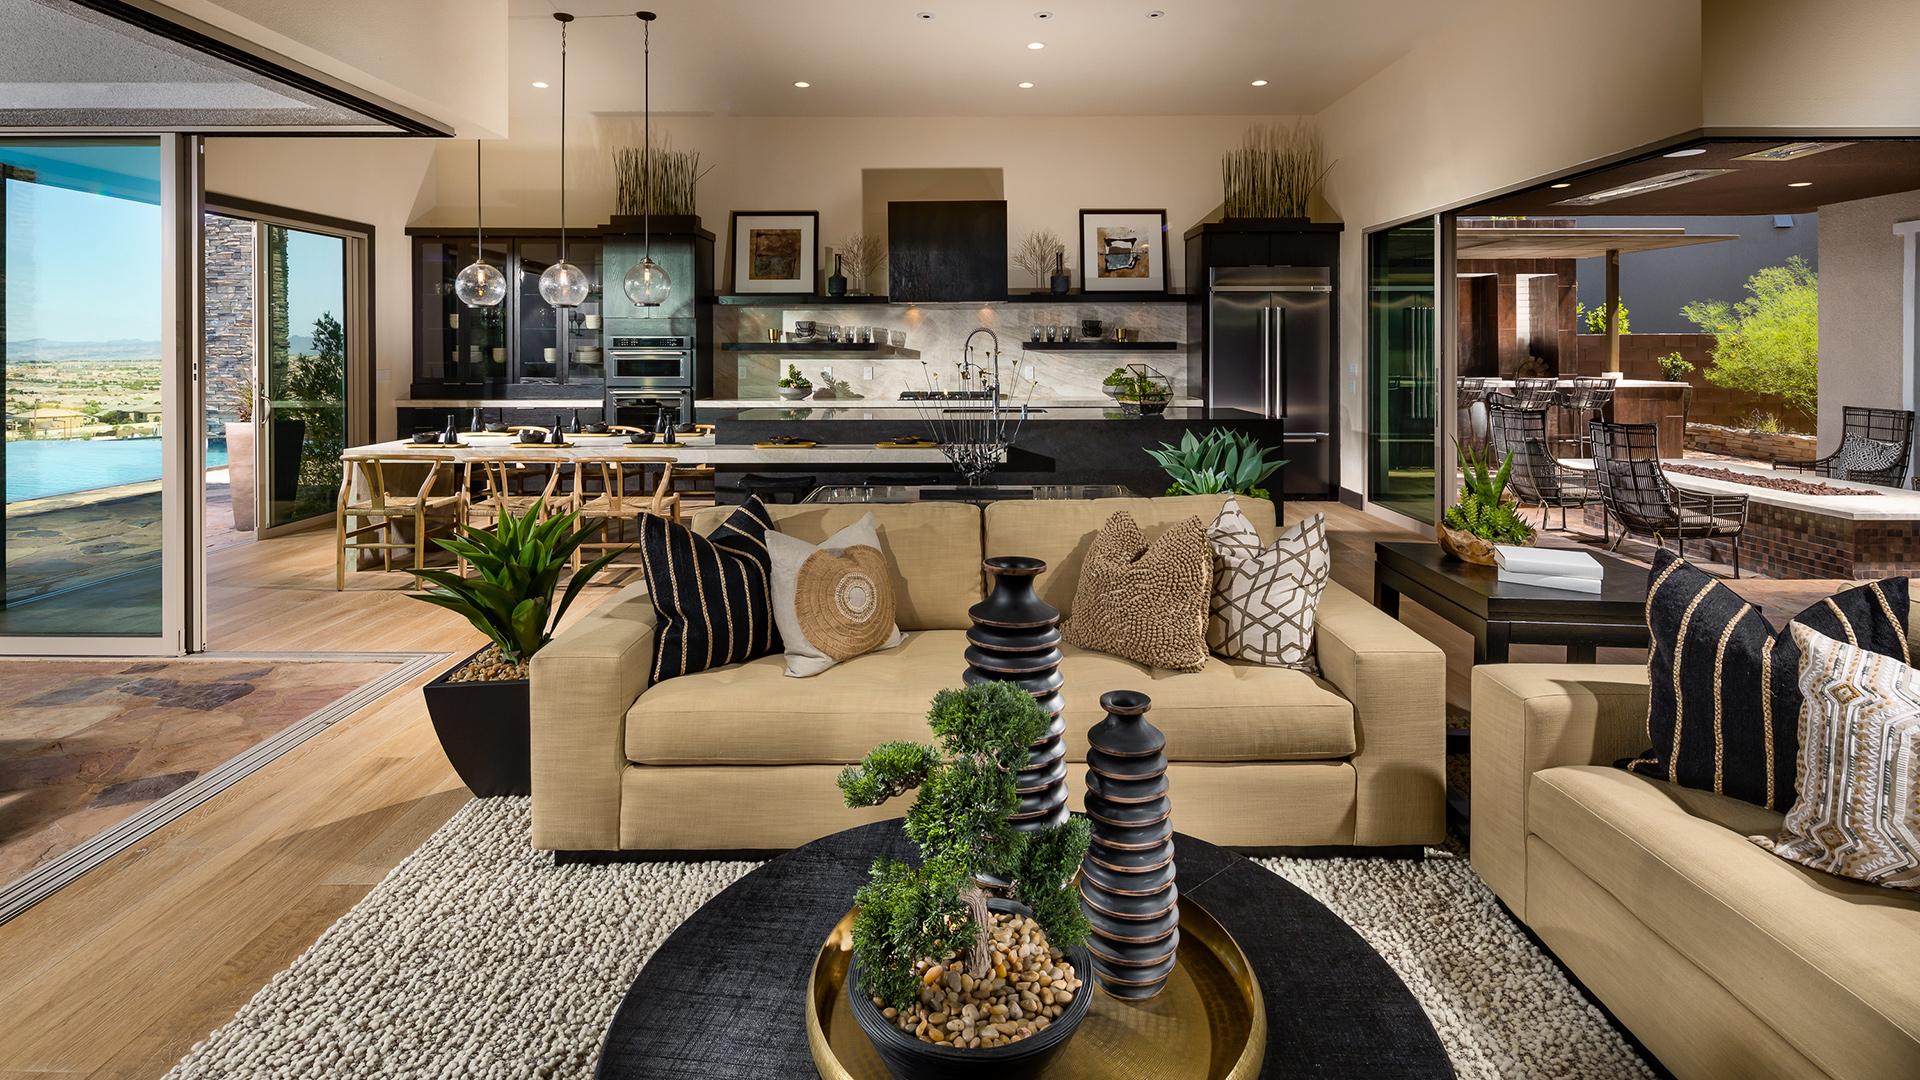 Ironwood | The Indigo Home Design on Ironwood Kitchenette  id=63950